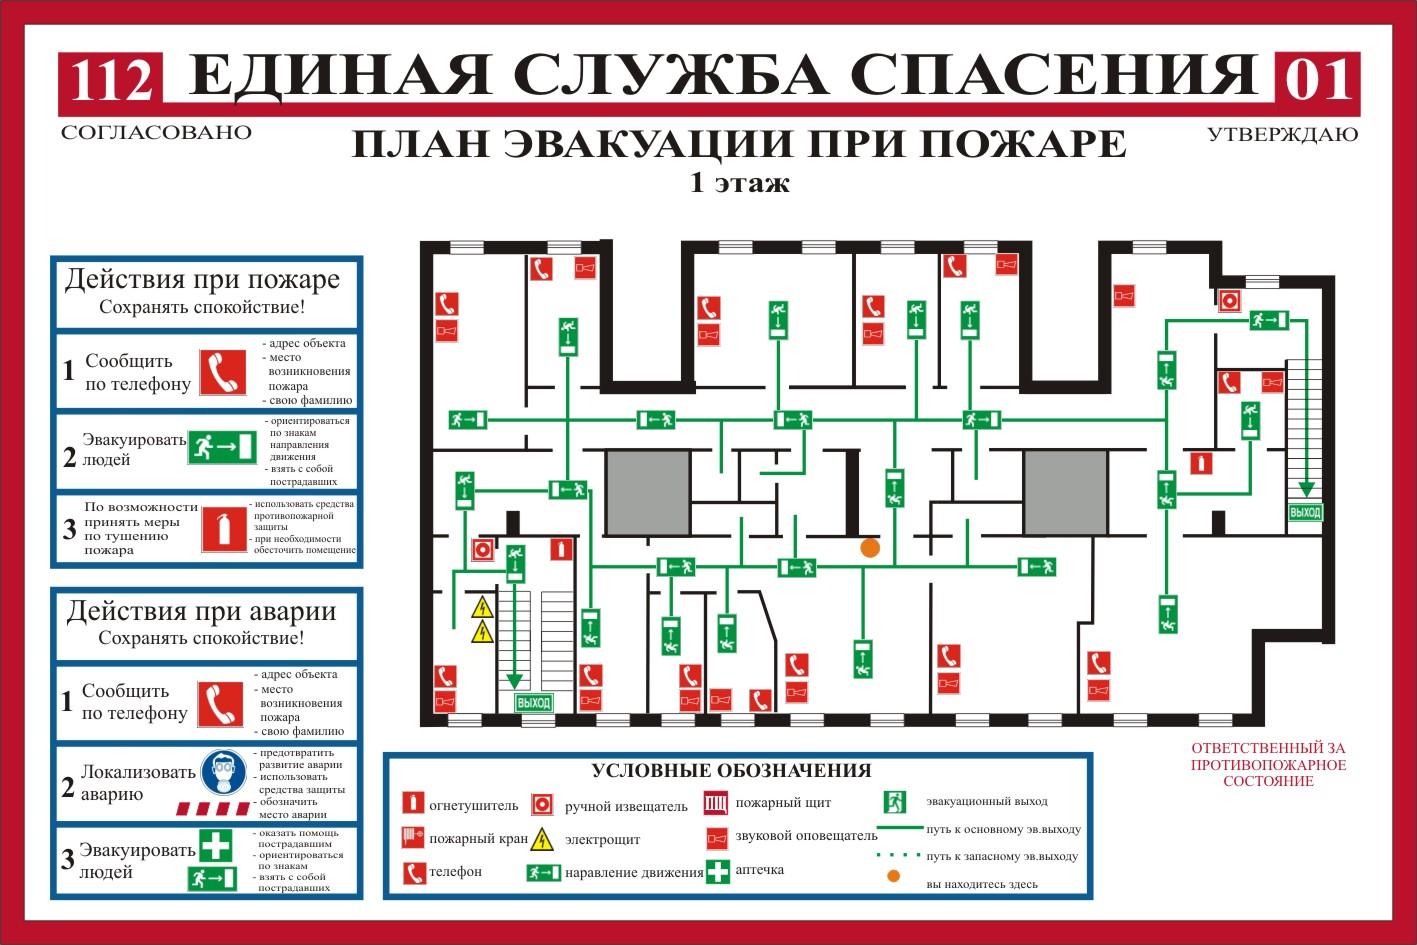 вот картинки для плана пожарной эвакуации этих старых покалеченных